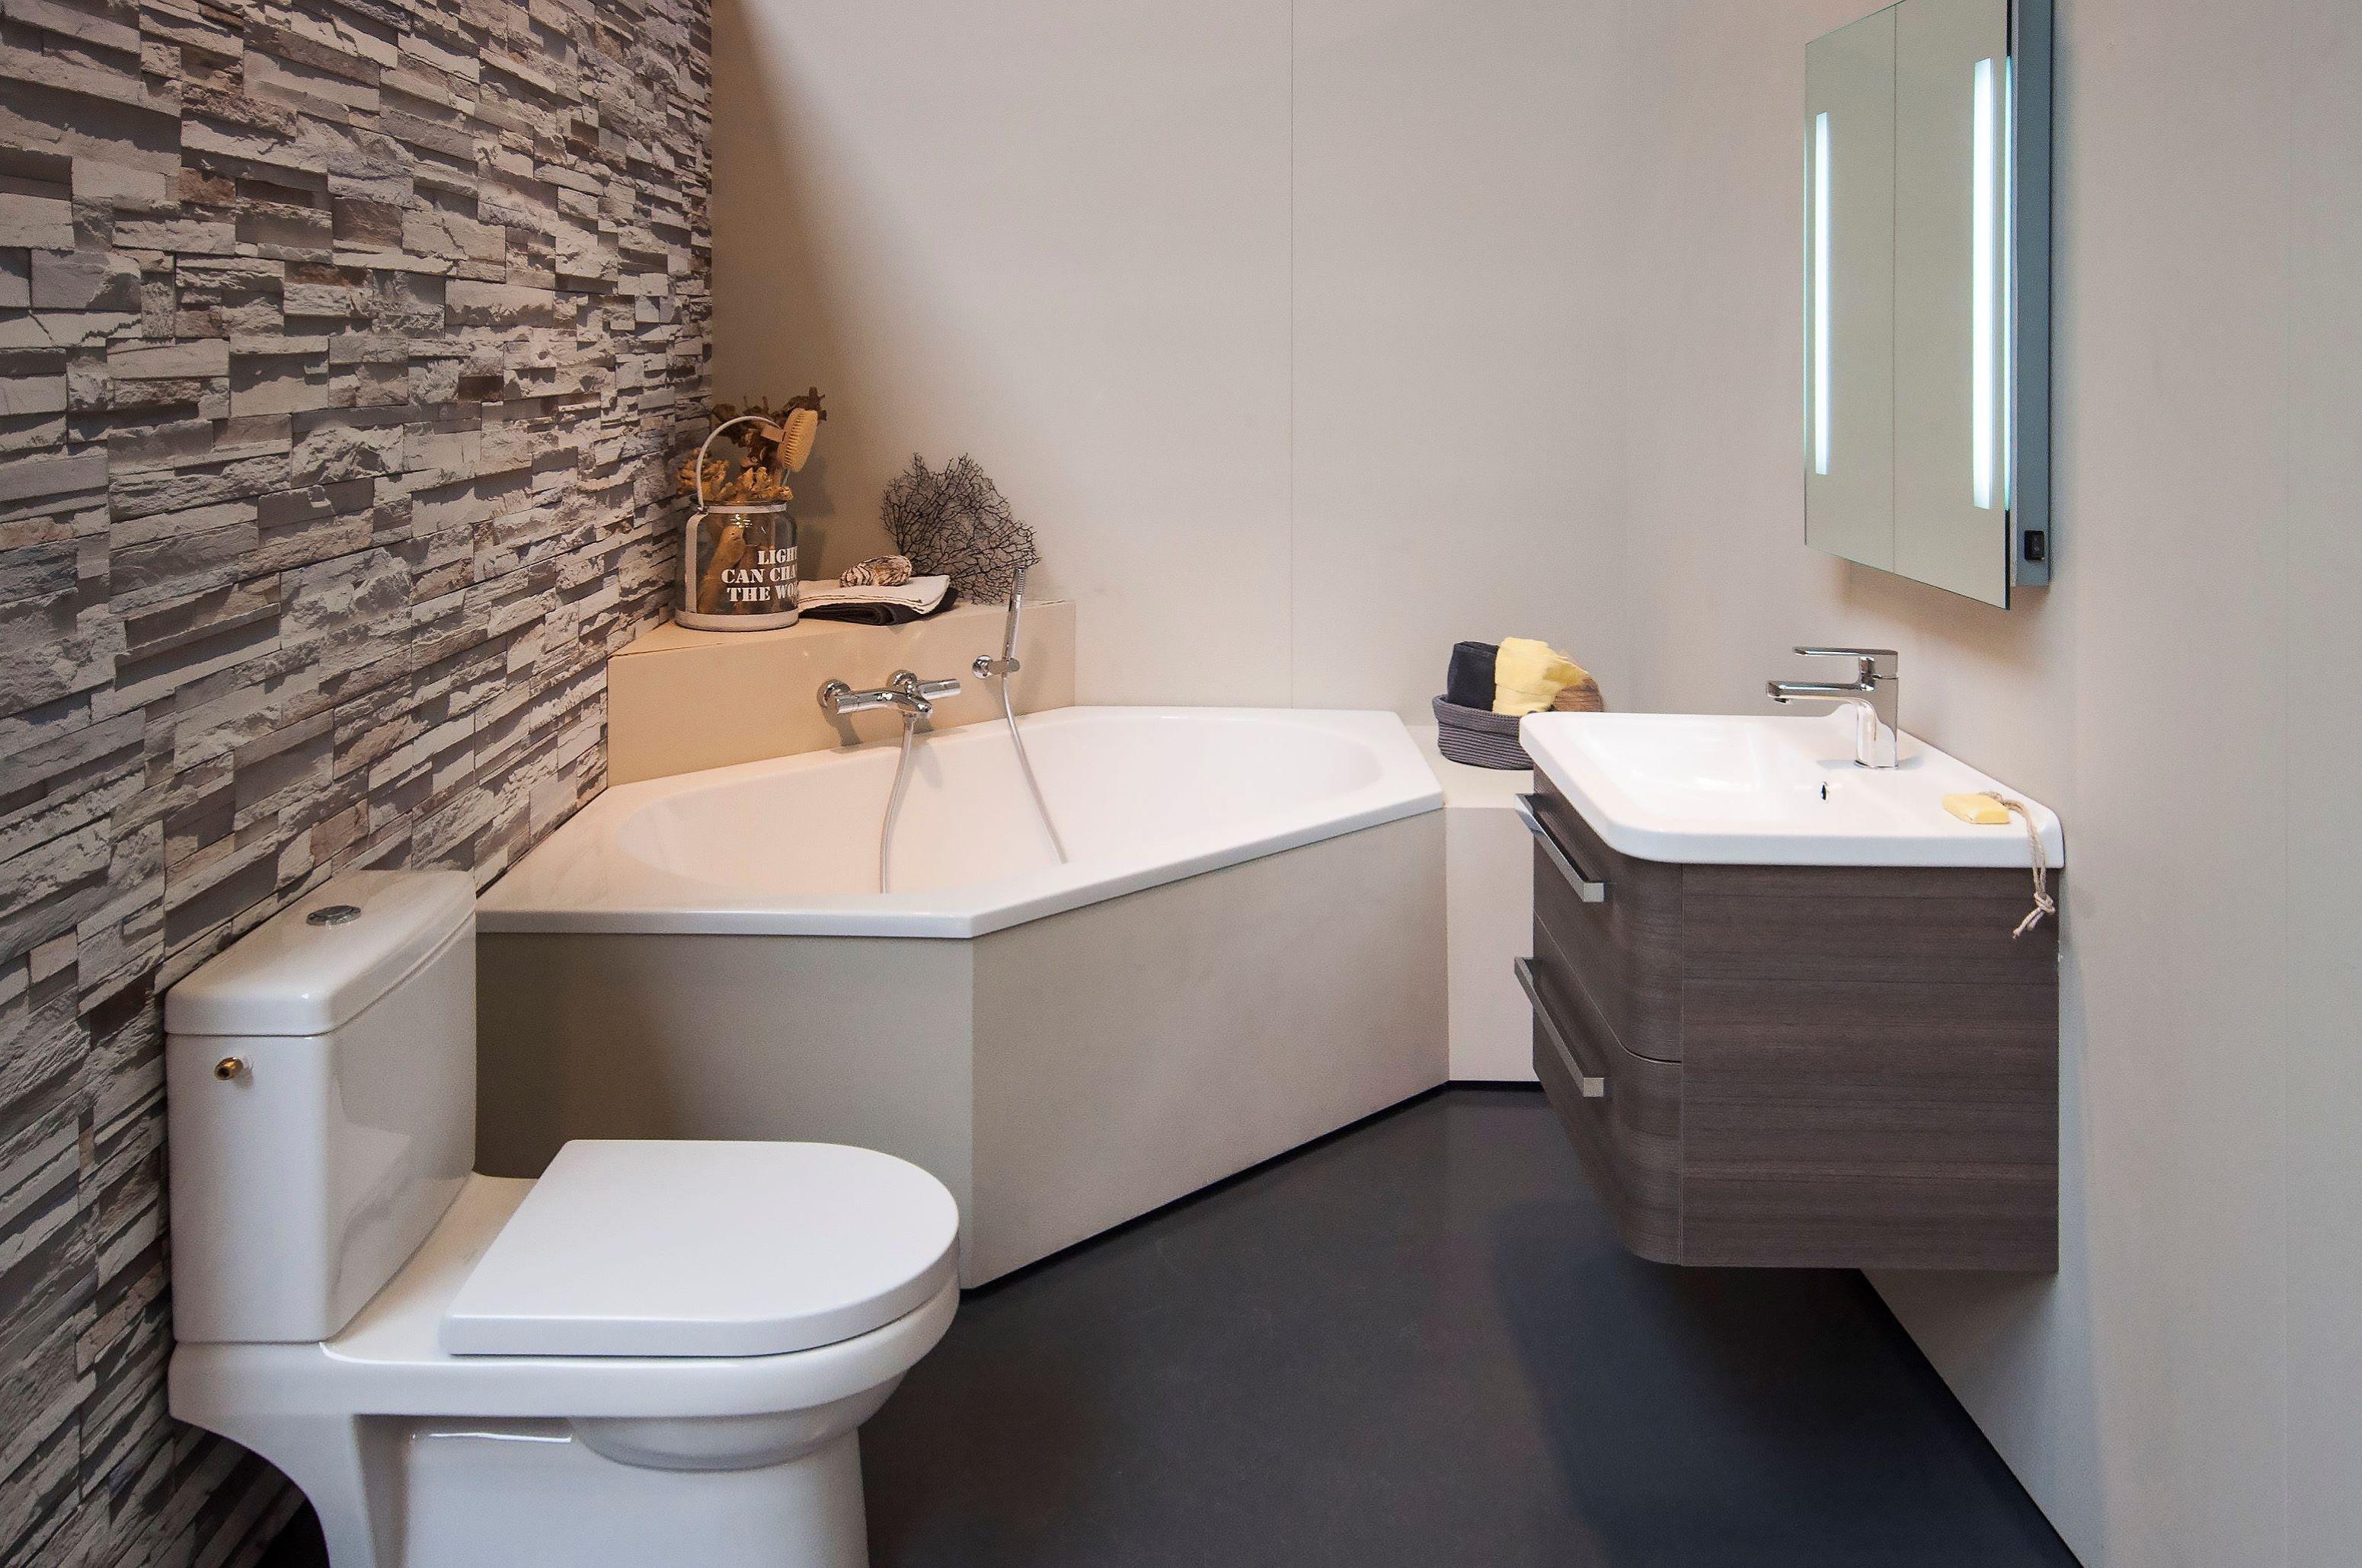 Kleine Luxe Badkamer : Met een #hoekbad in een kleine badkamer neem je minder ruimte in en